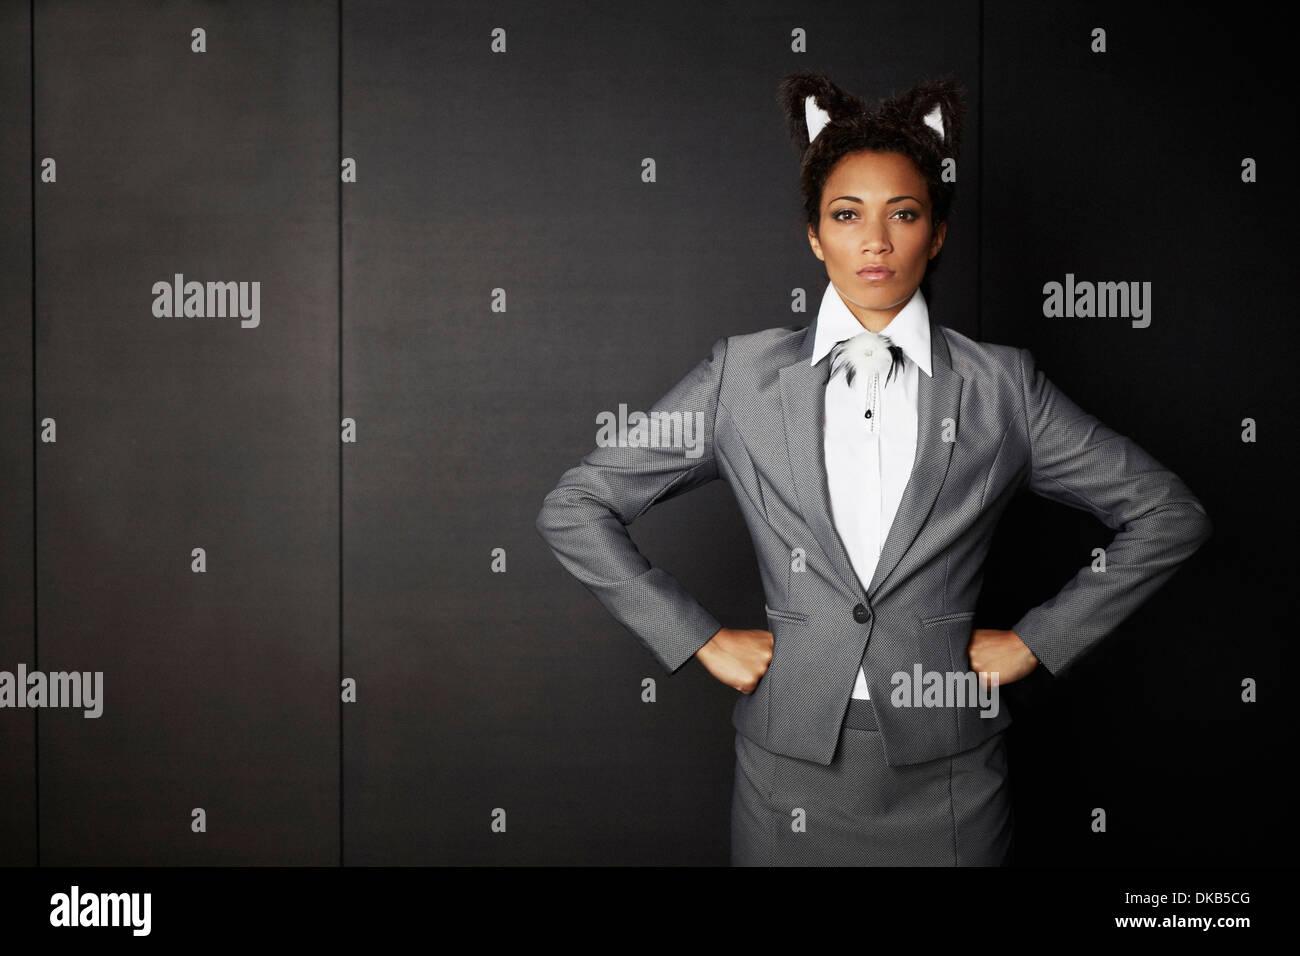 Imprenditrice indossando abiti fantasiosi orecchie Immagini Stock